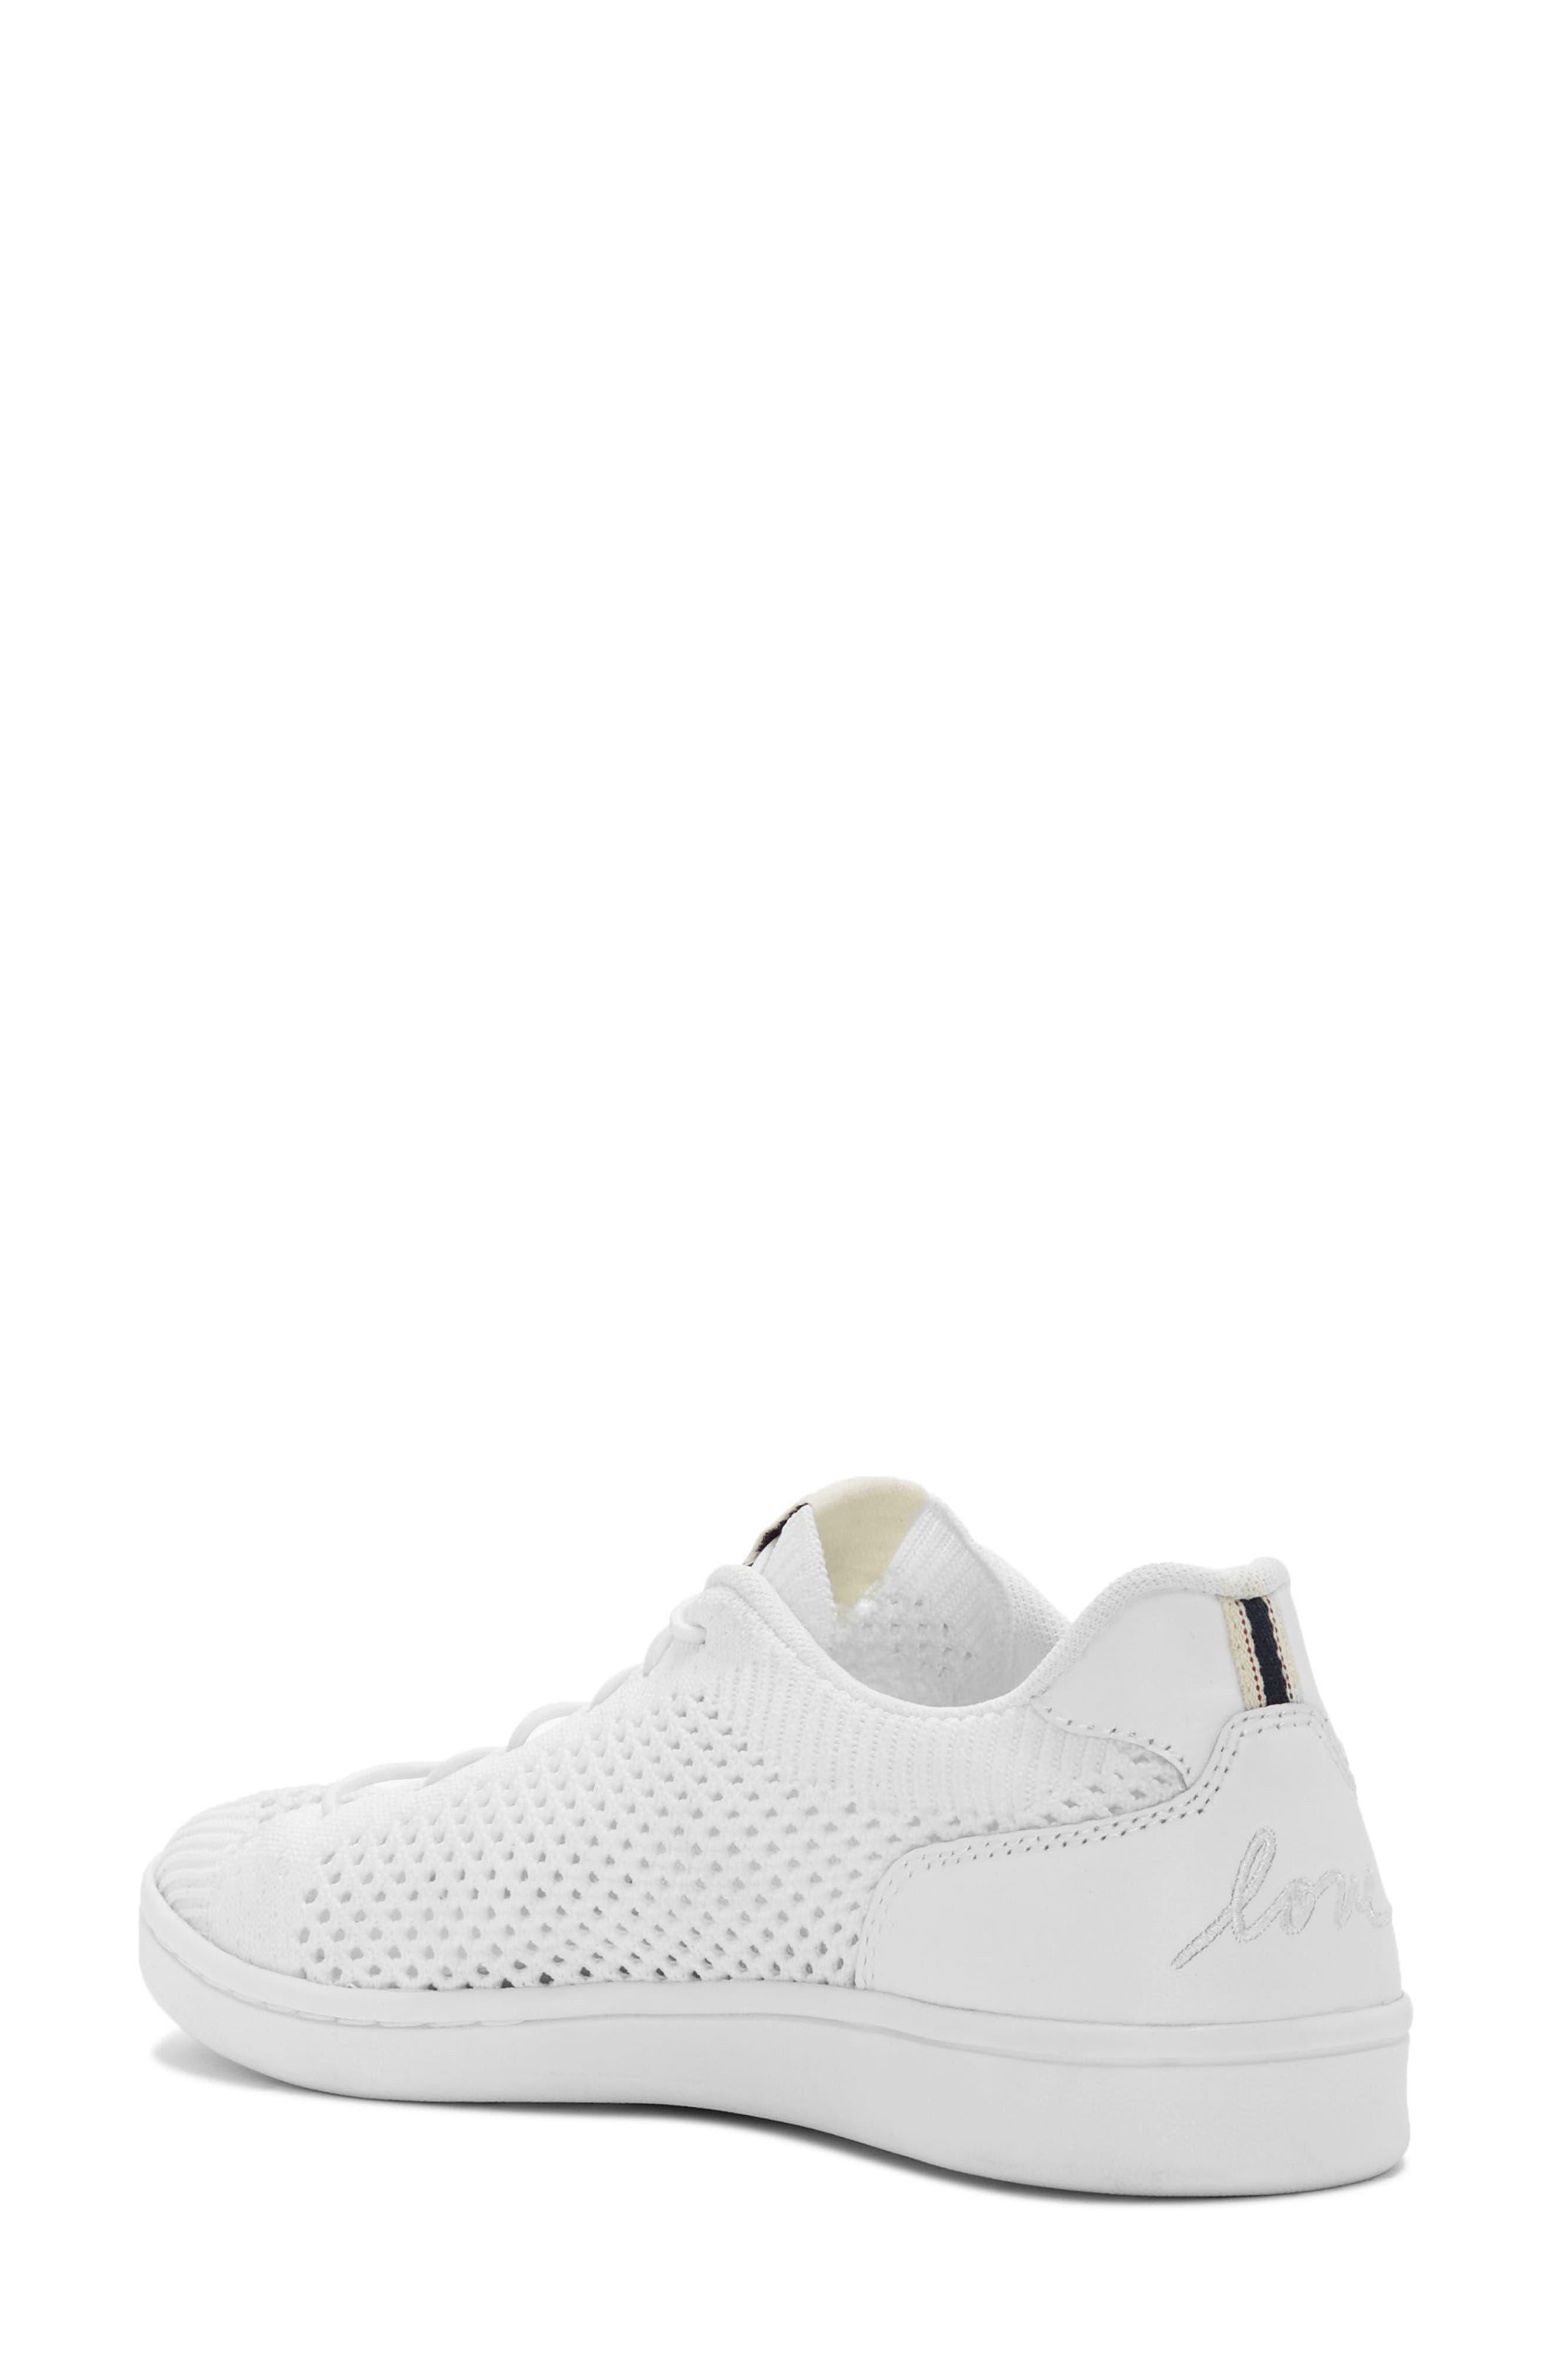 a8fb1207946c Women s ED Ellen Degeneres Shoes